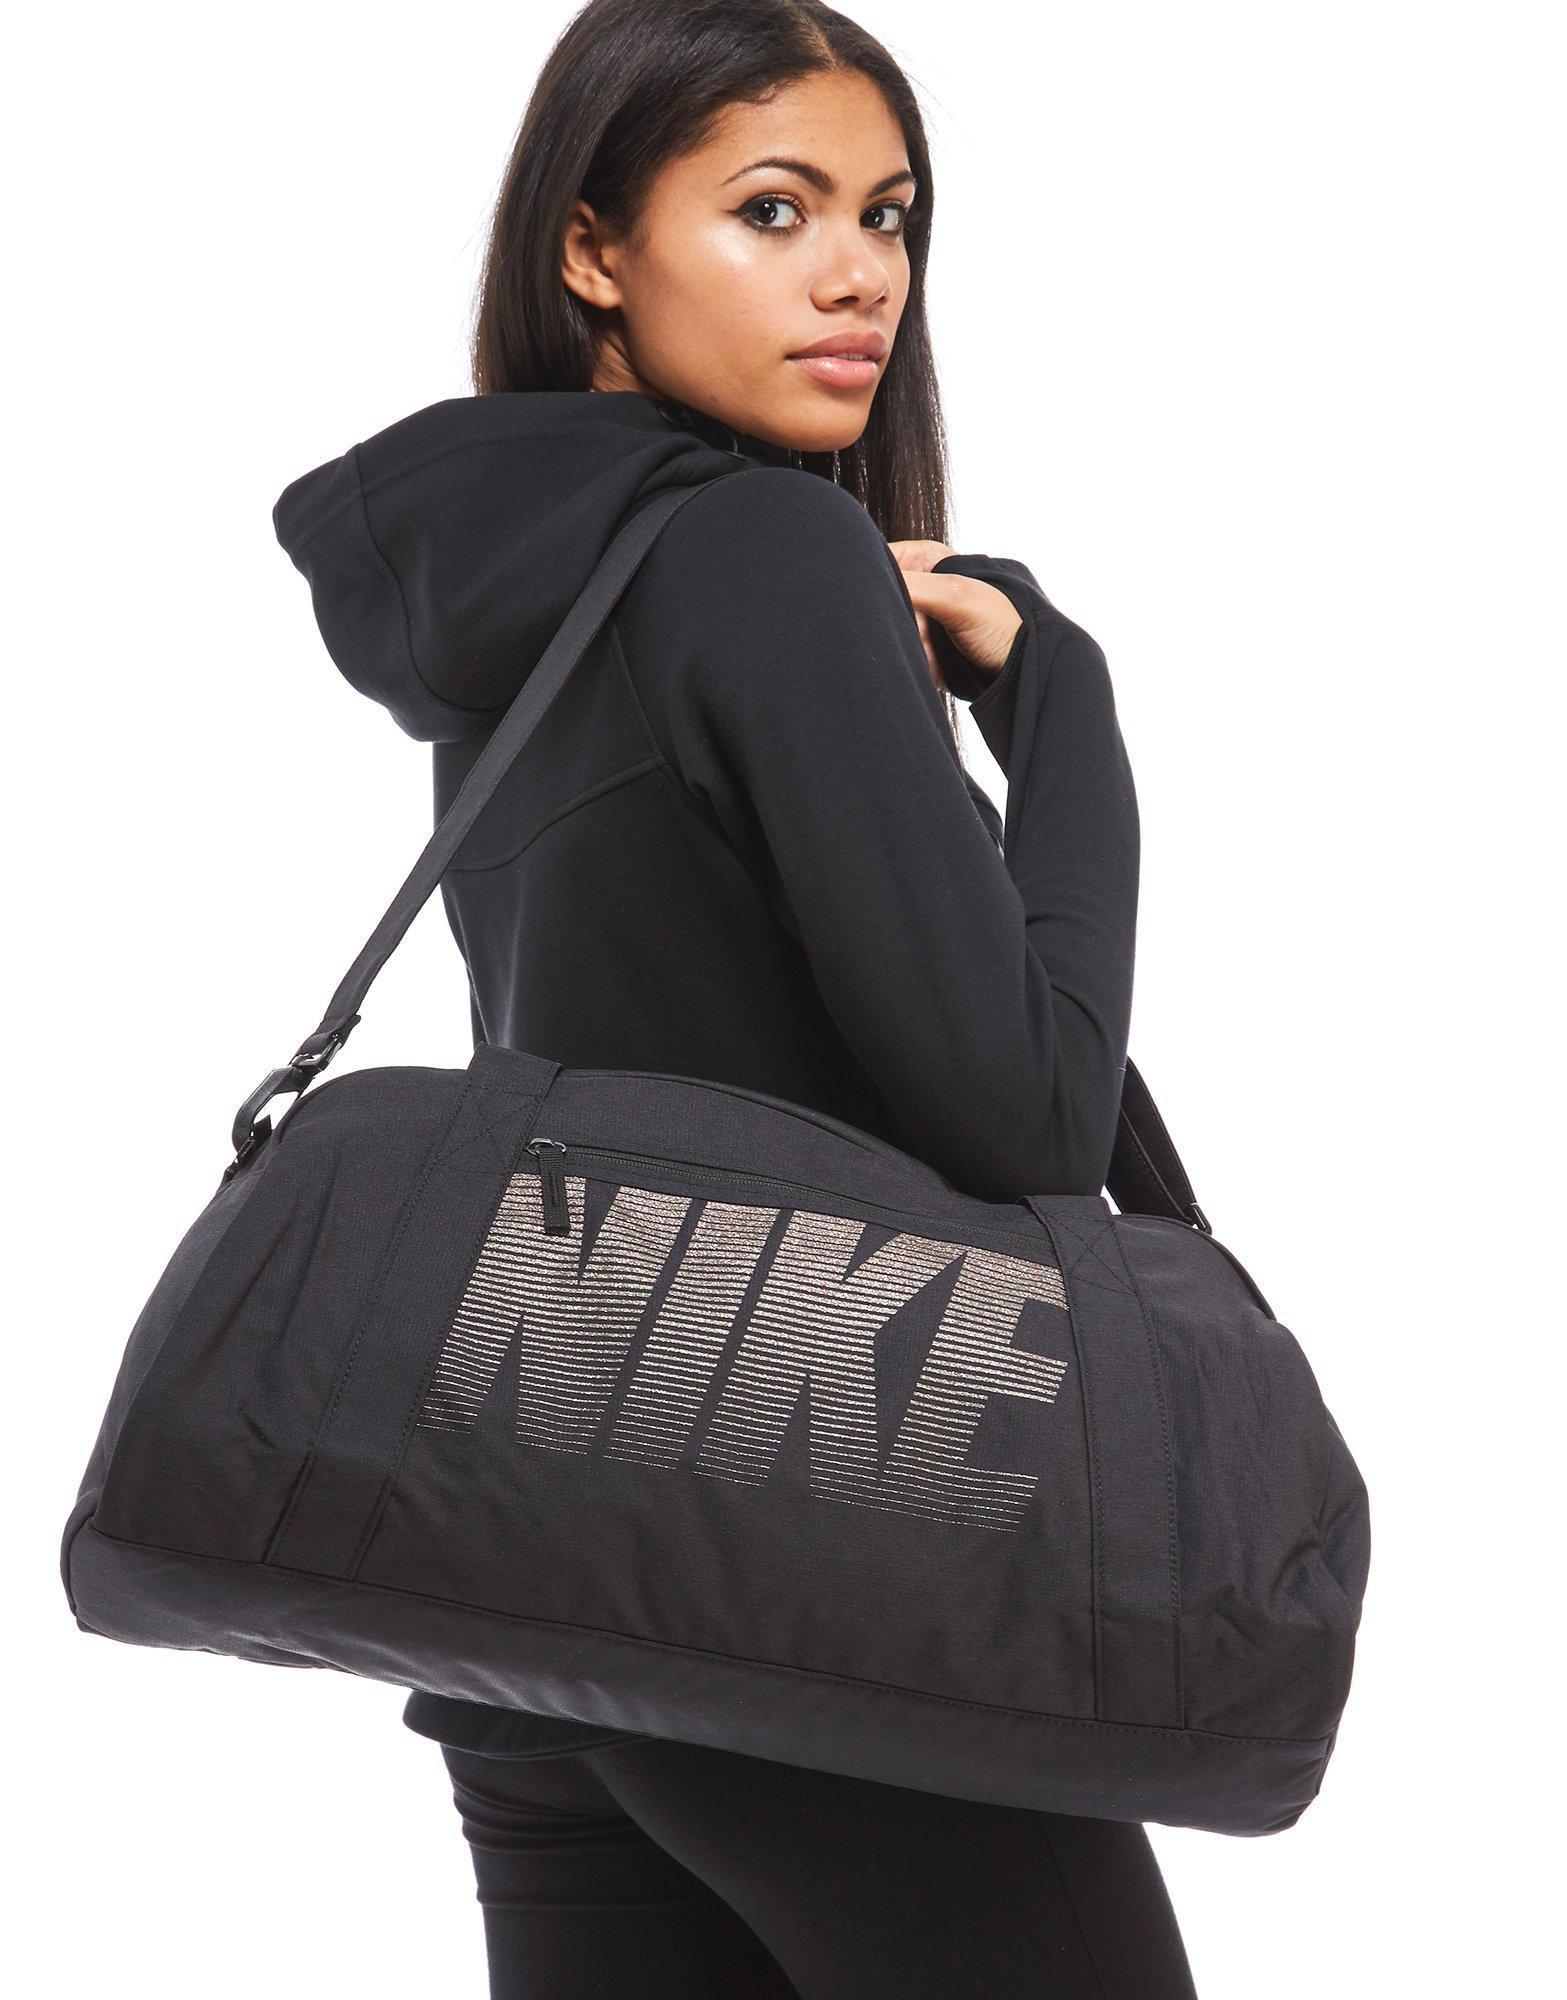 4f07a077f Nike Gym Club Training Duffle Bag in Black for Men - Lyst